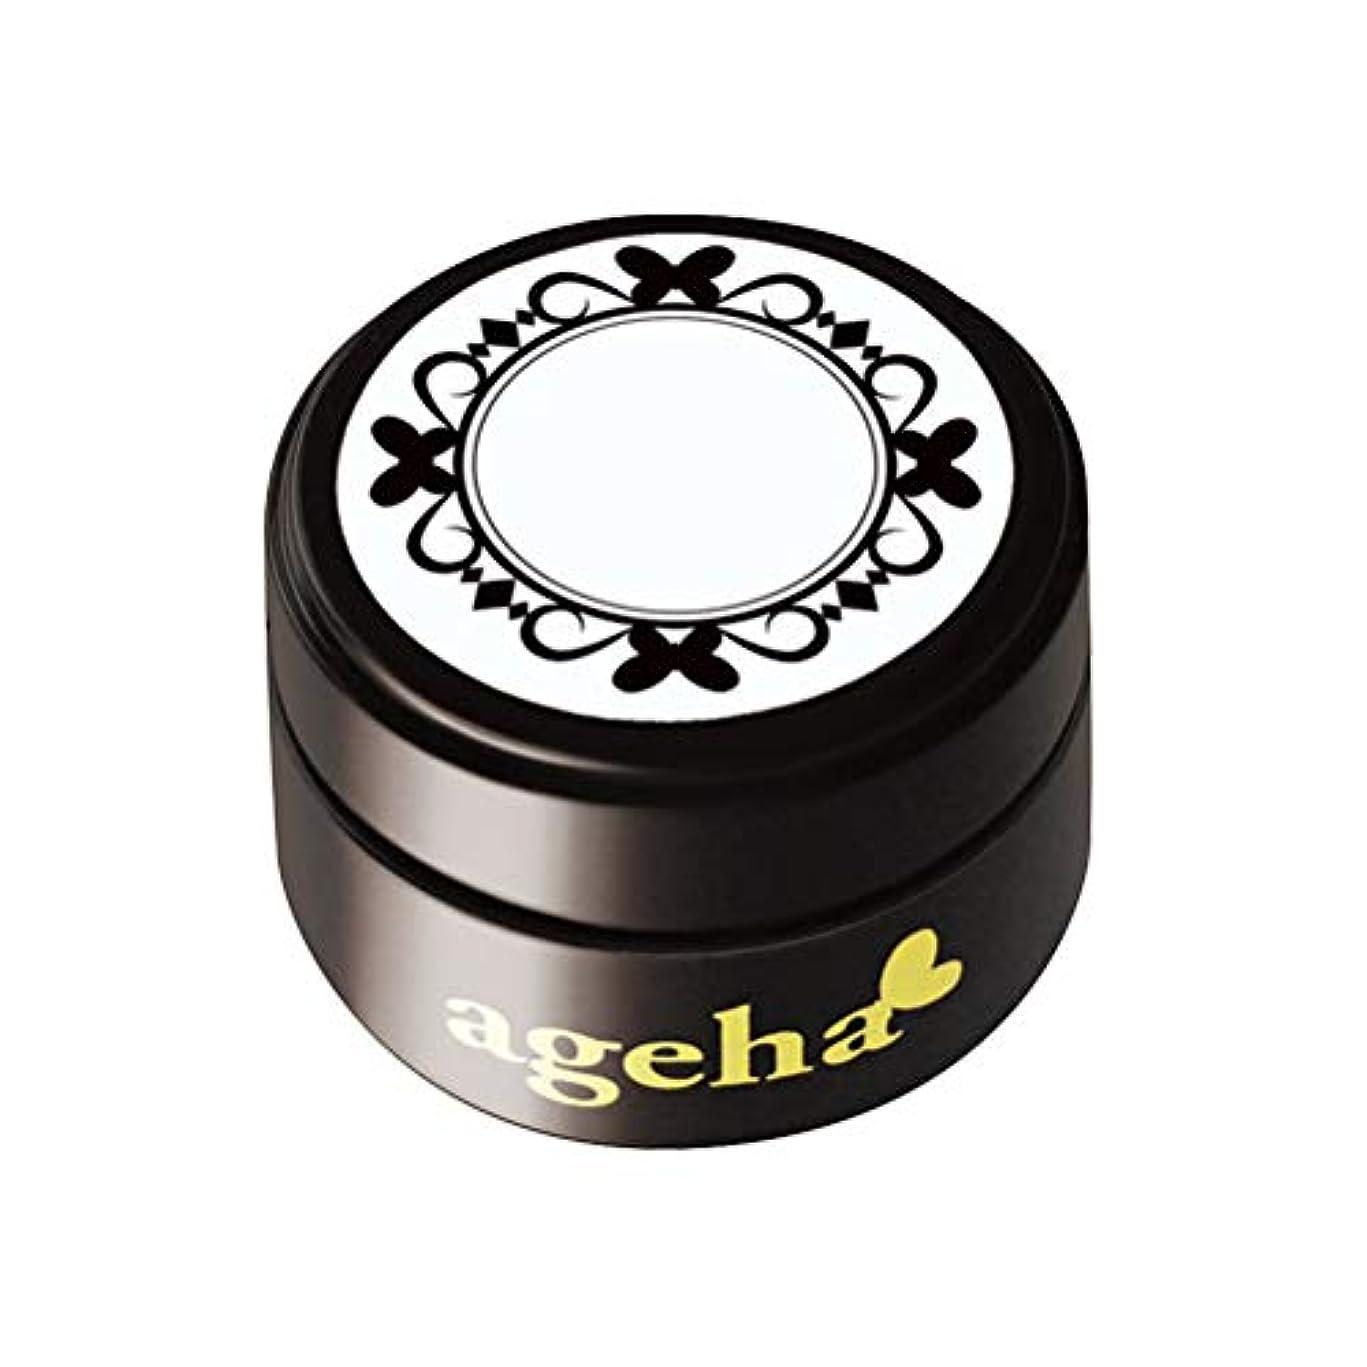 責め電信暗殺ageha コスメカラー 413 ラグジュエル エマ グリッター 2.7g UV/LED対応